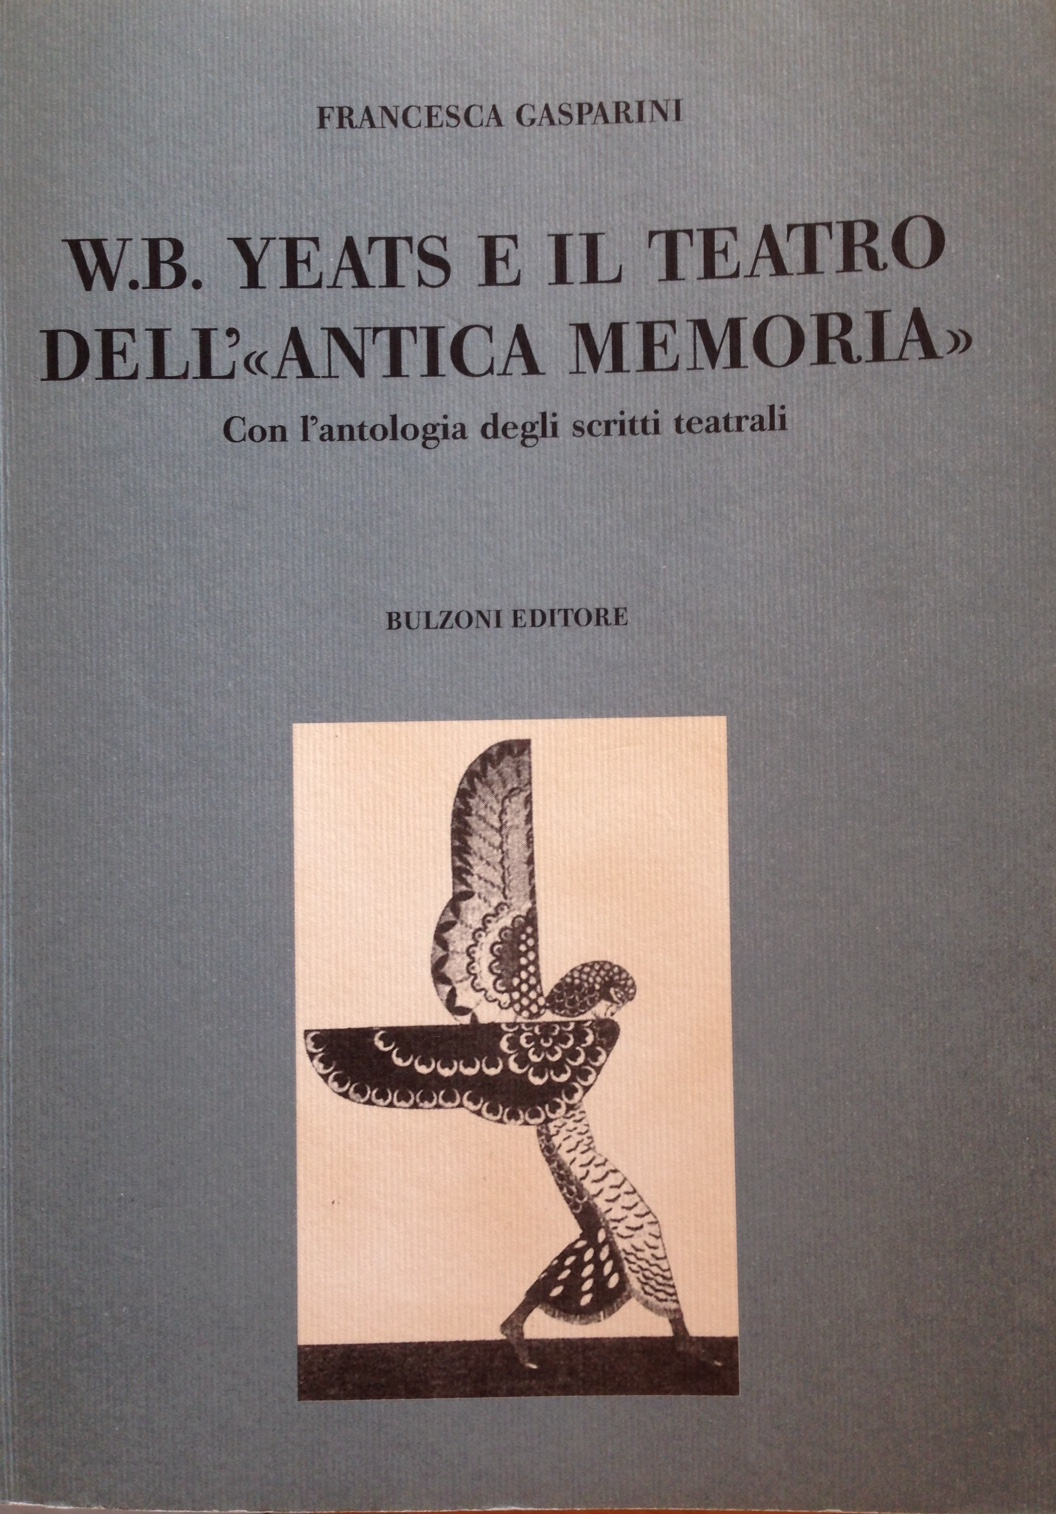 W.B. Yeats e il teatro dell'antica memoria